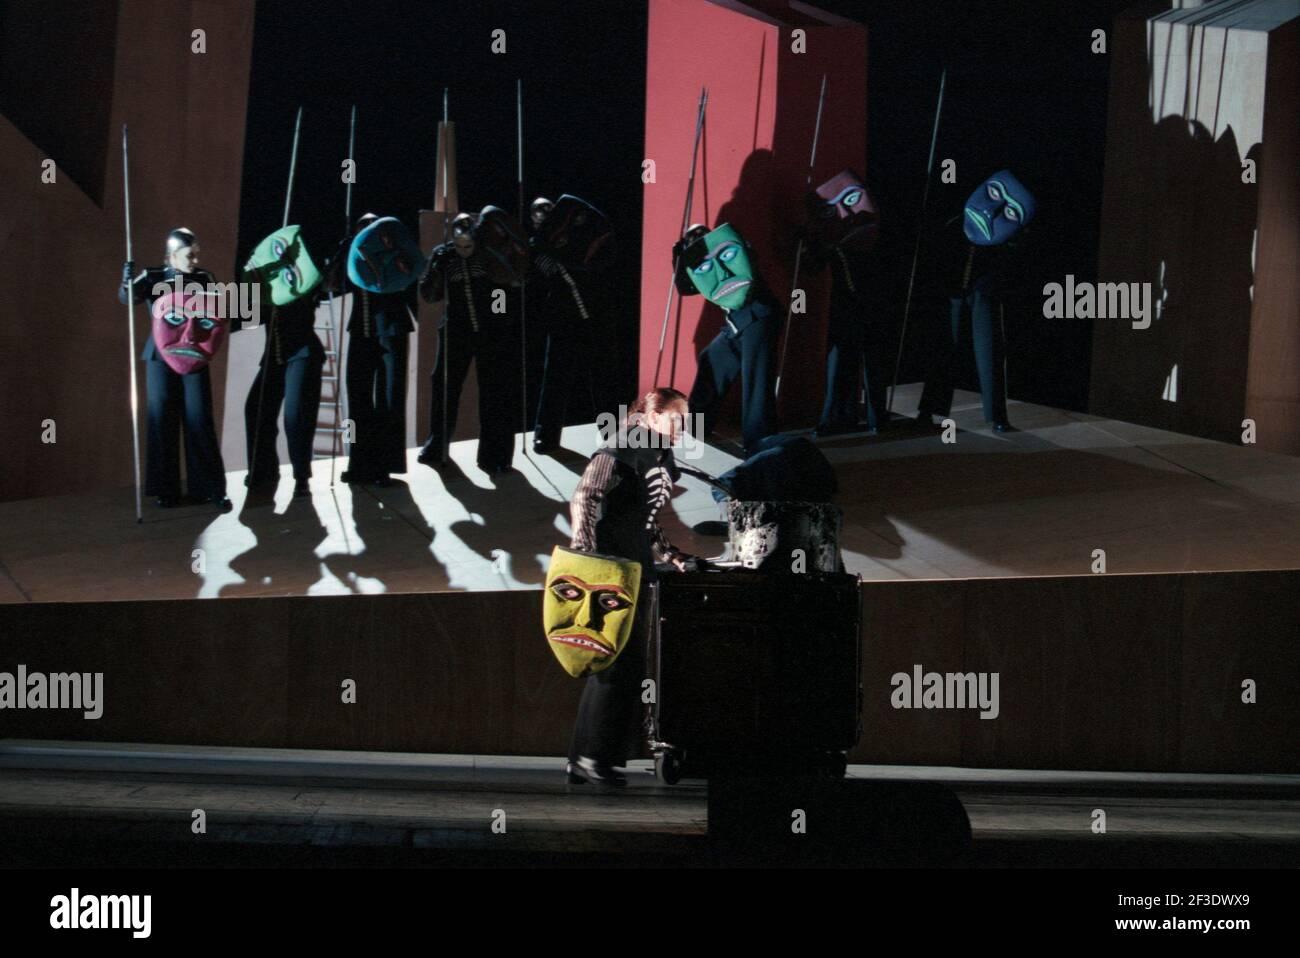 Deborah Polaski (Brunnhilde) avec Valkyries dans DIE tour par Wagner à l'Opéra Royal, Covent Garden, Londres WC2 30/09/1996 chef d'orchestre: Bernard Haitink design: Nigel Lowery éclairage: Pat Collins directeur: Richard Jones Banque D'Images